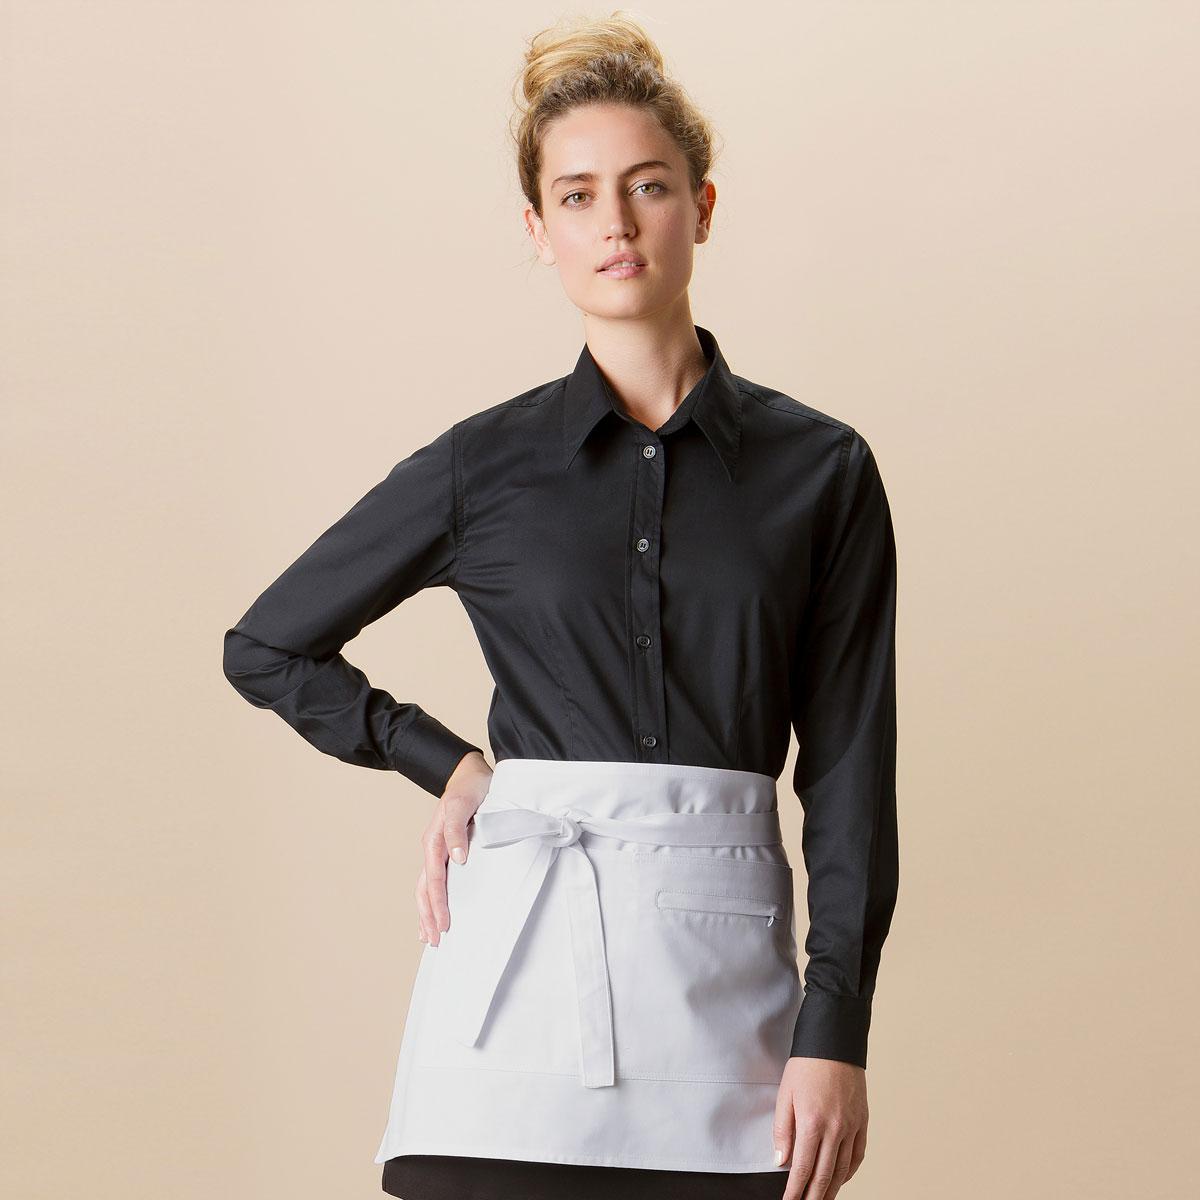 Ladies Bar Shirt Long Sleeve - KK738